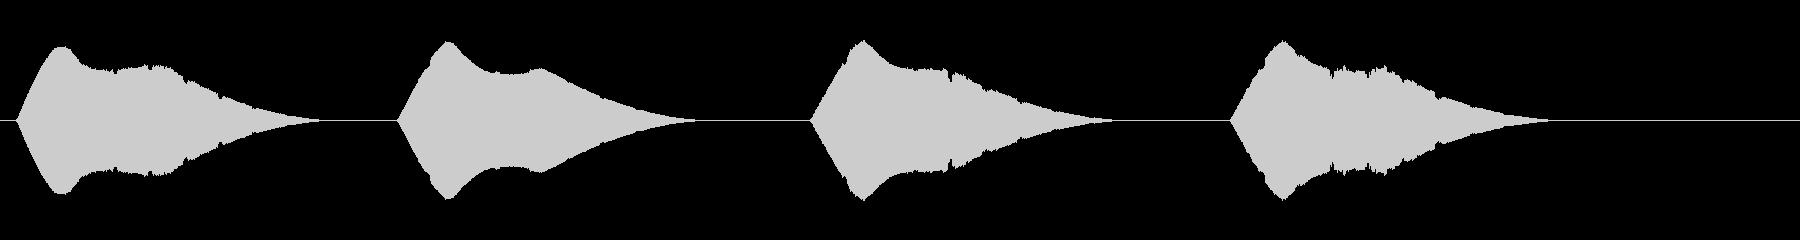 トーンパルススイープジップアップwavの未再生の波形